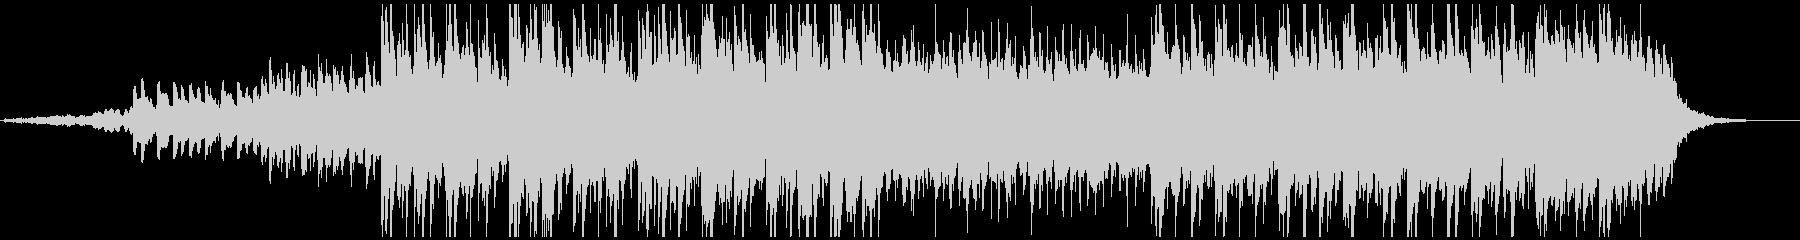 ピアノとシンセ主体の和風アンビエントの未再生の波形